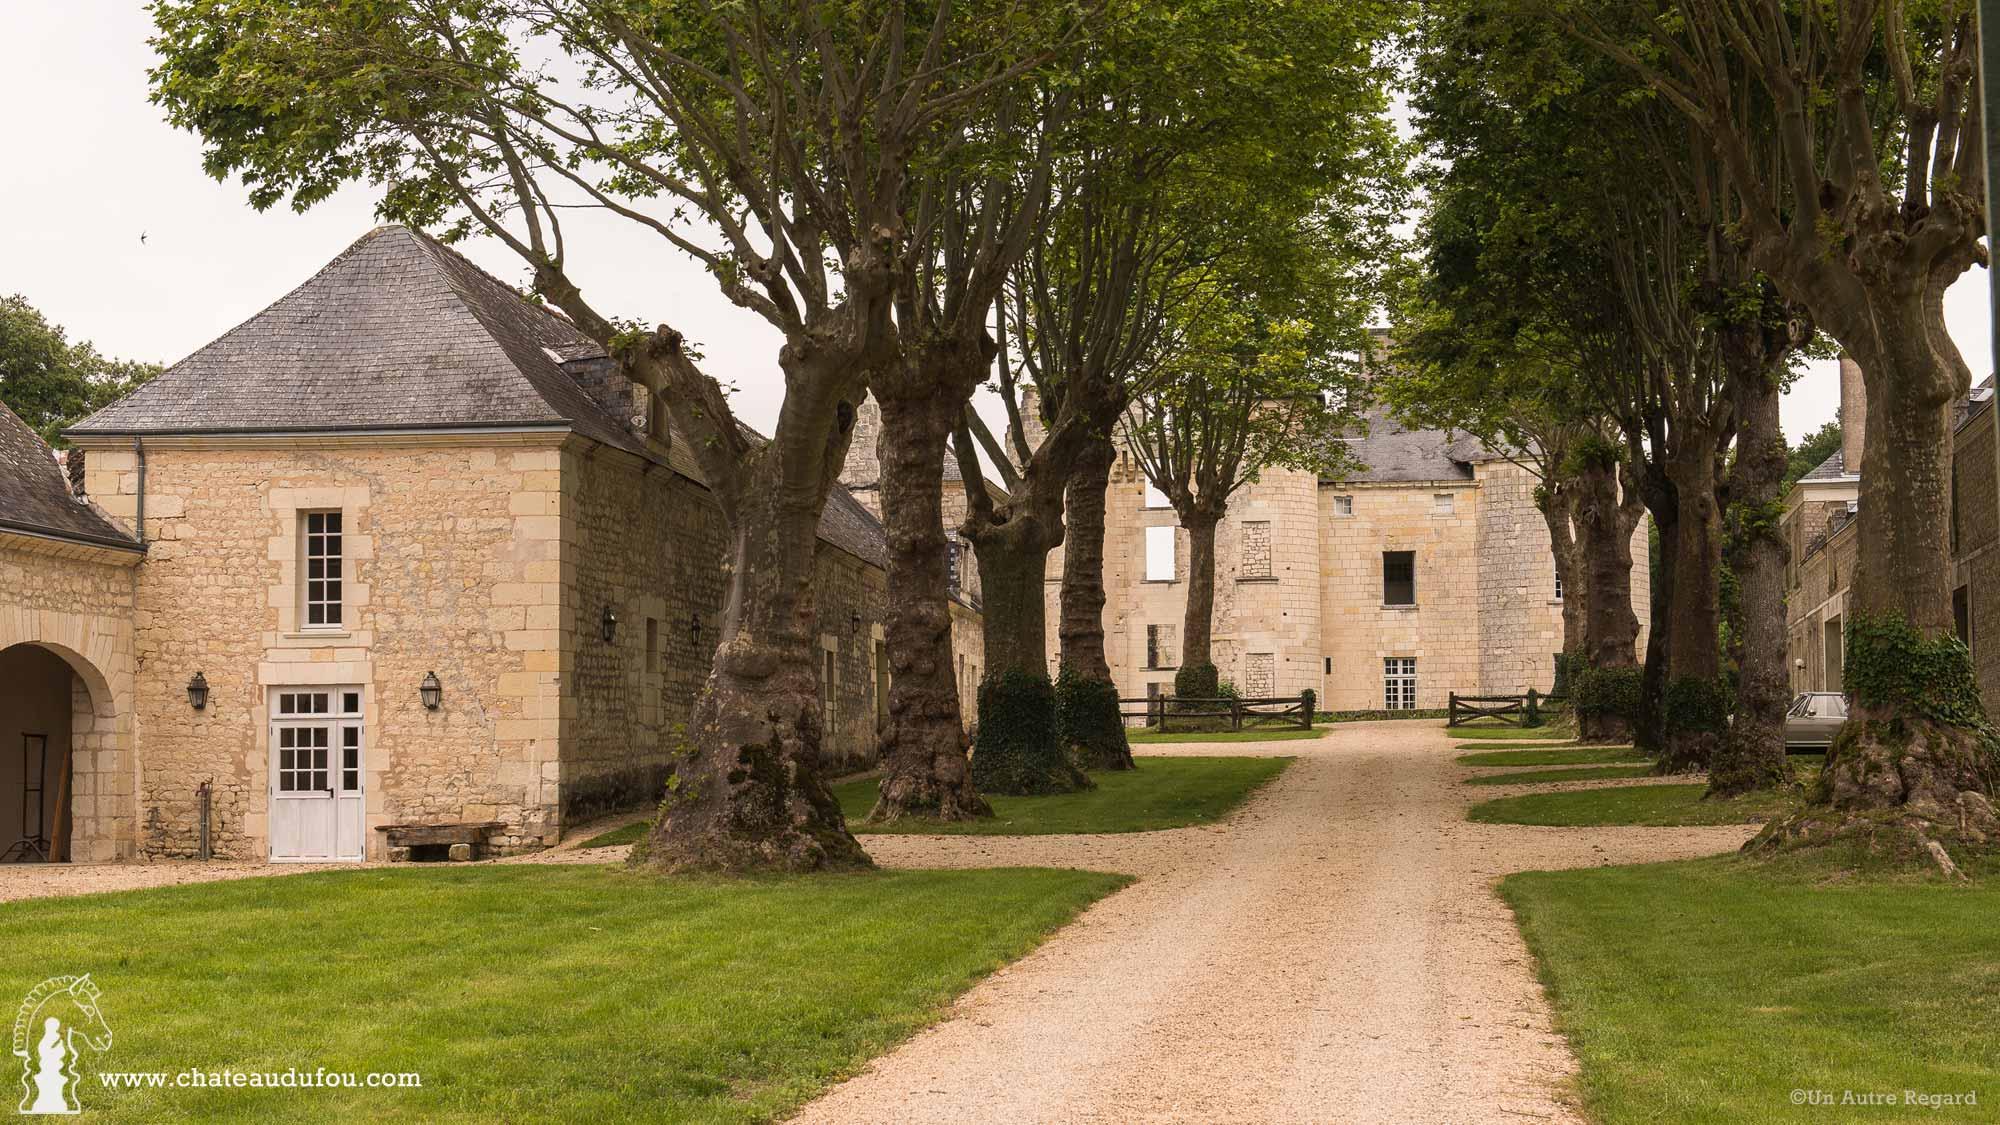 chateau-du-fou-salle-de-reception-tours-08.jpg